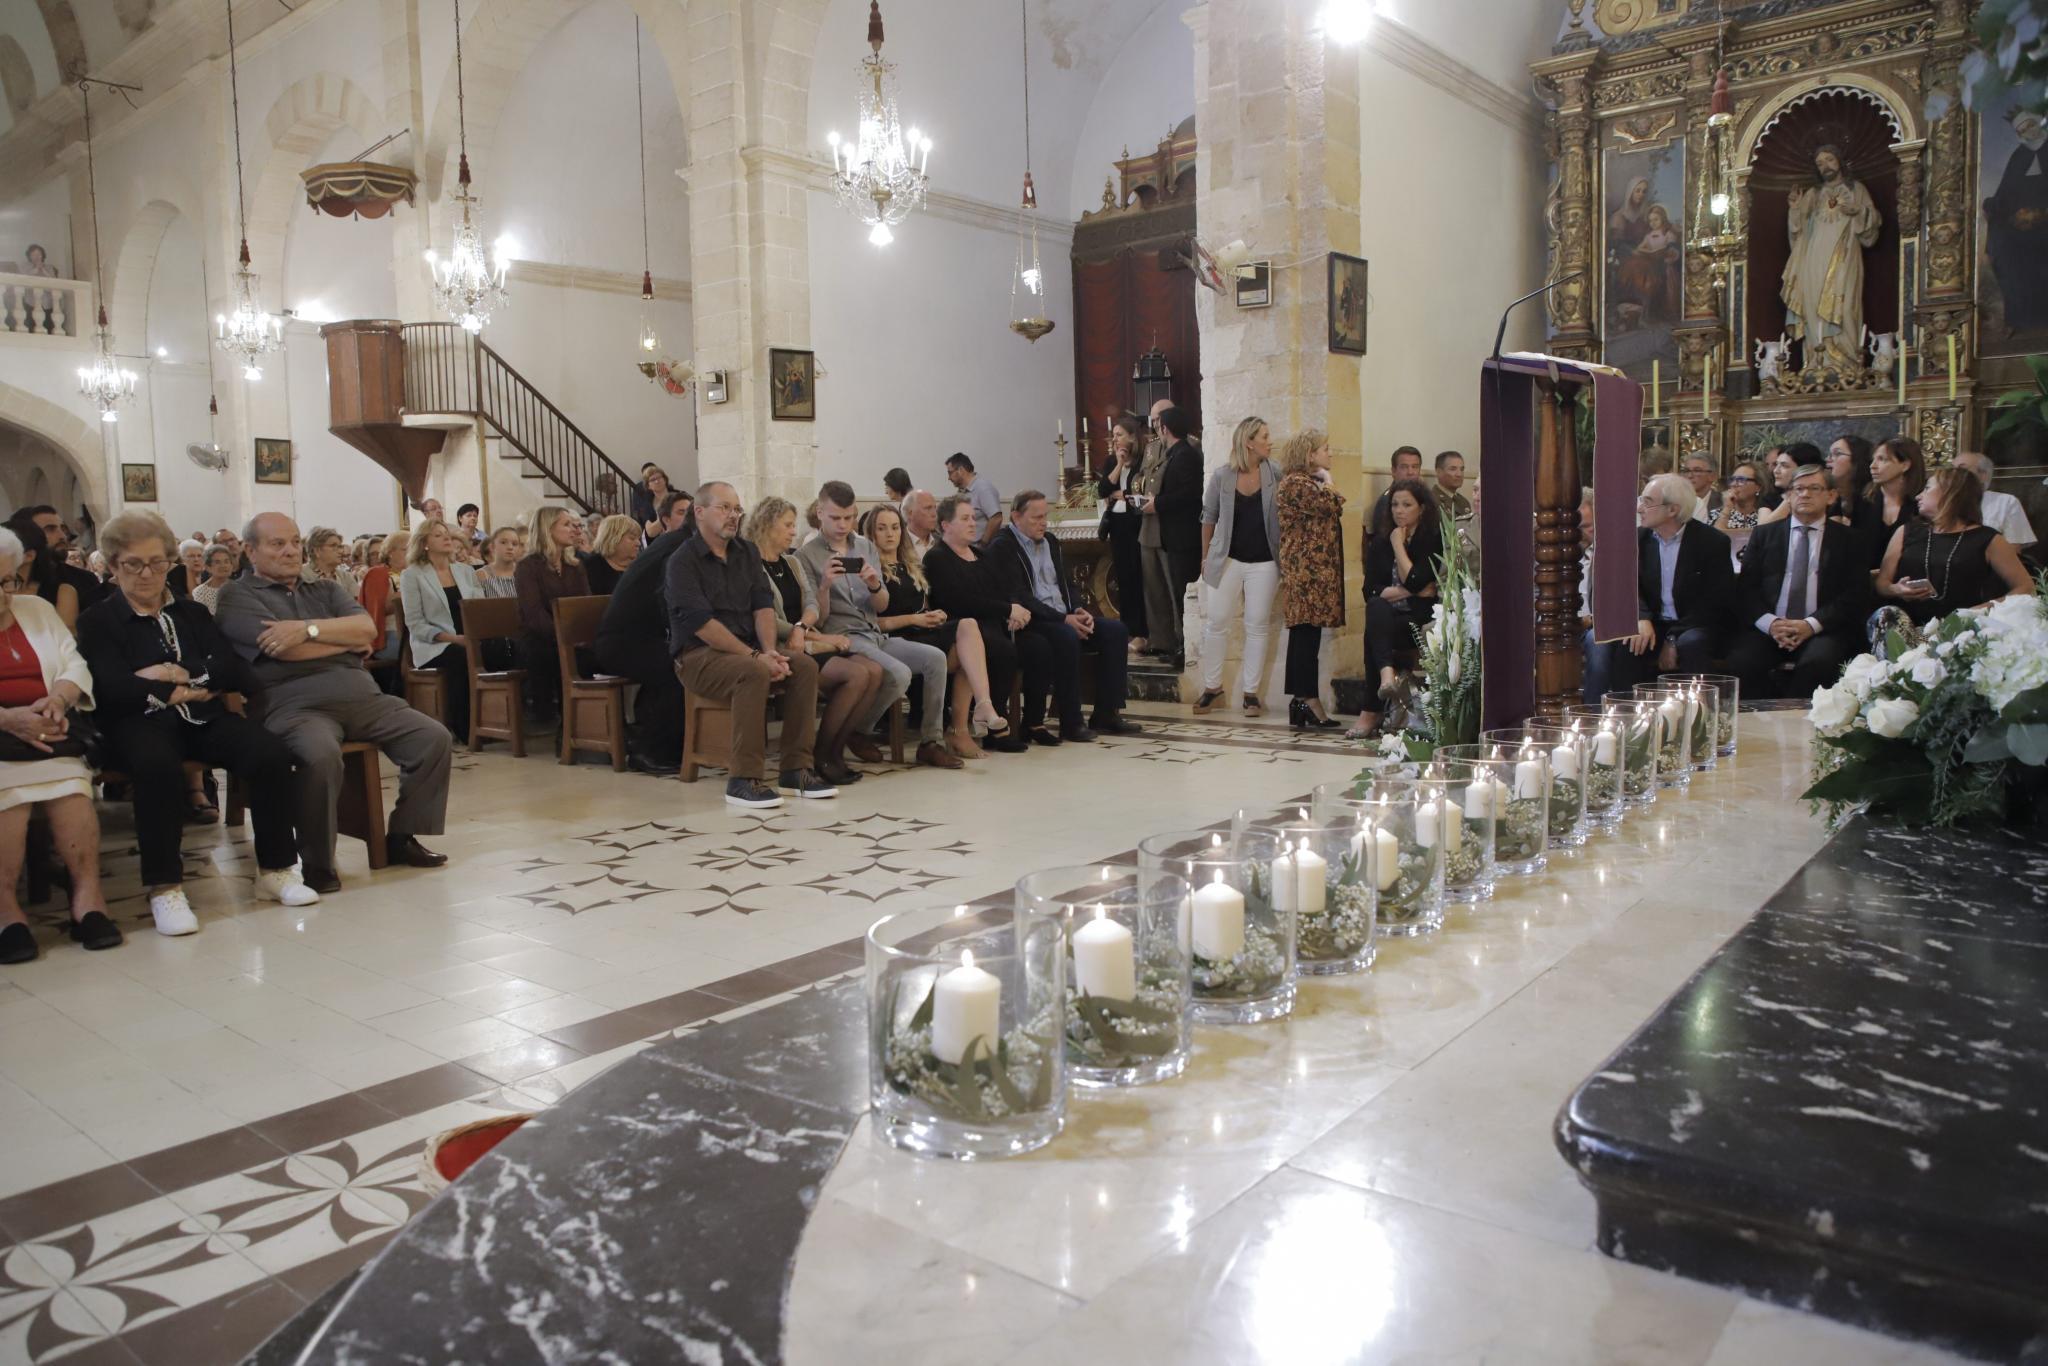 SANT LLORENÇ. INUNDACIONES. TORRENTADA. Flores, globos y 13 velas en recuerdo de las víctimas.